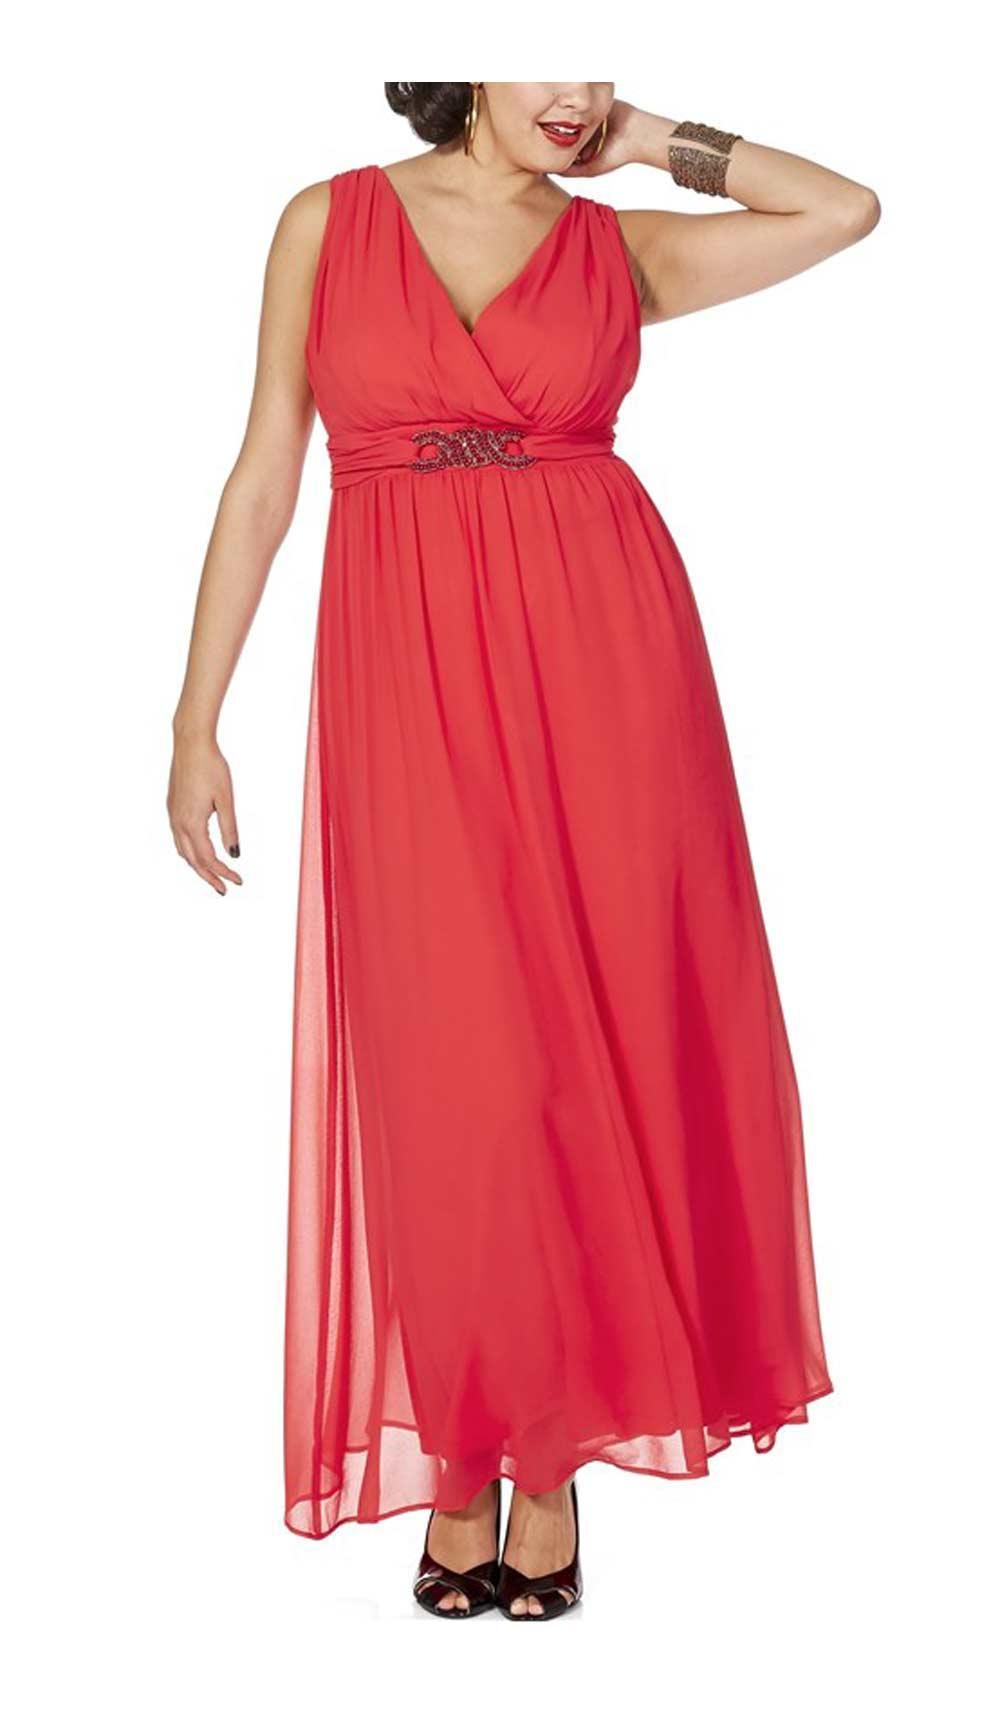 Abend Elegant Abendkleid In Größe 48 für 201913 Leicht Abendkleid In Größe 48 für 2019